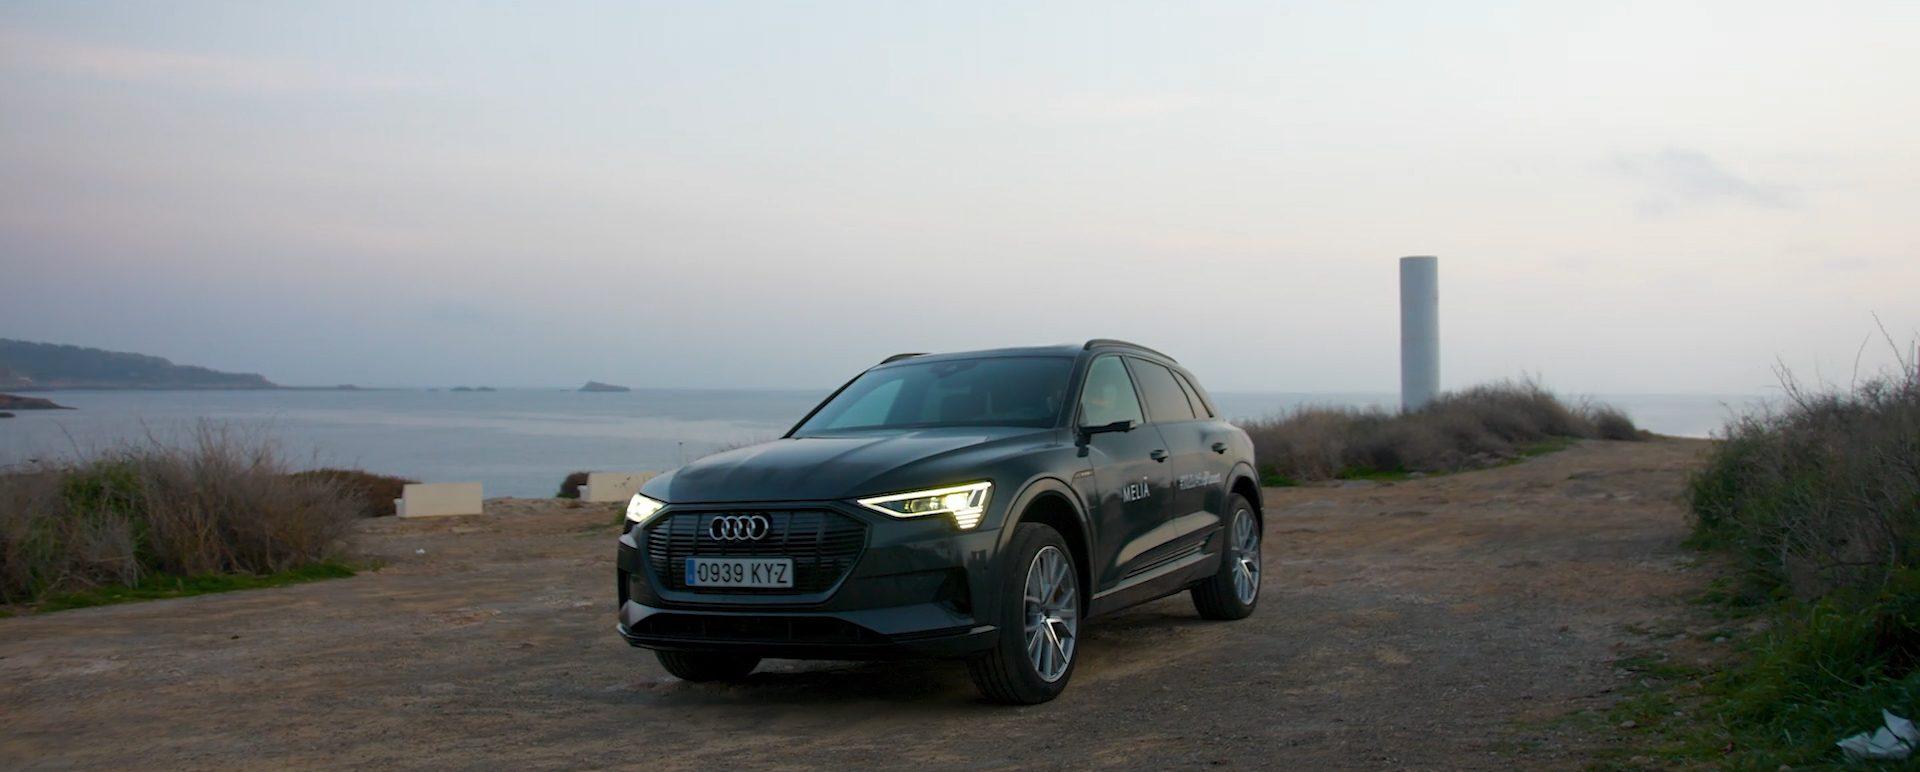 Audi etron en un mirador